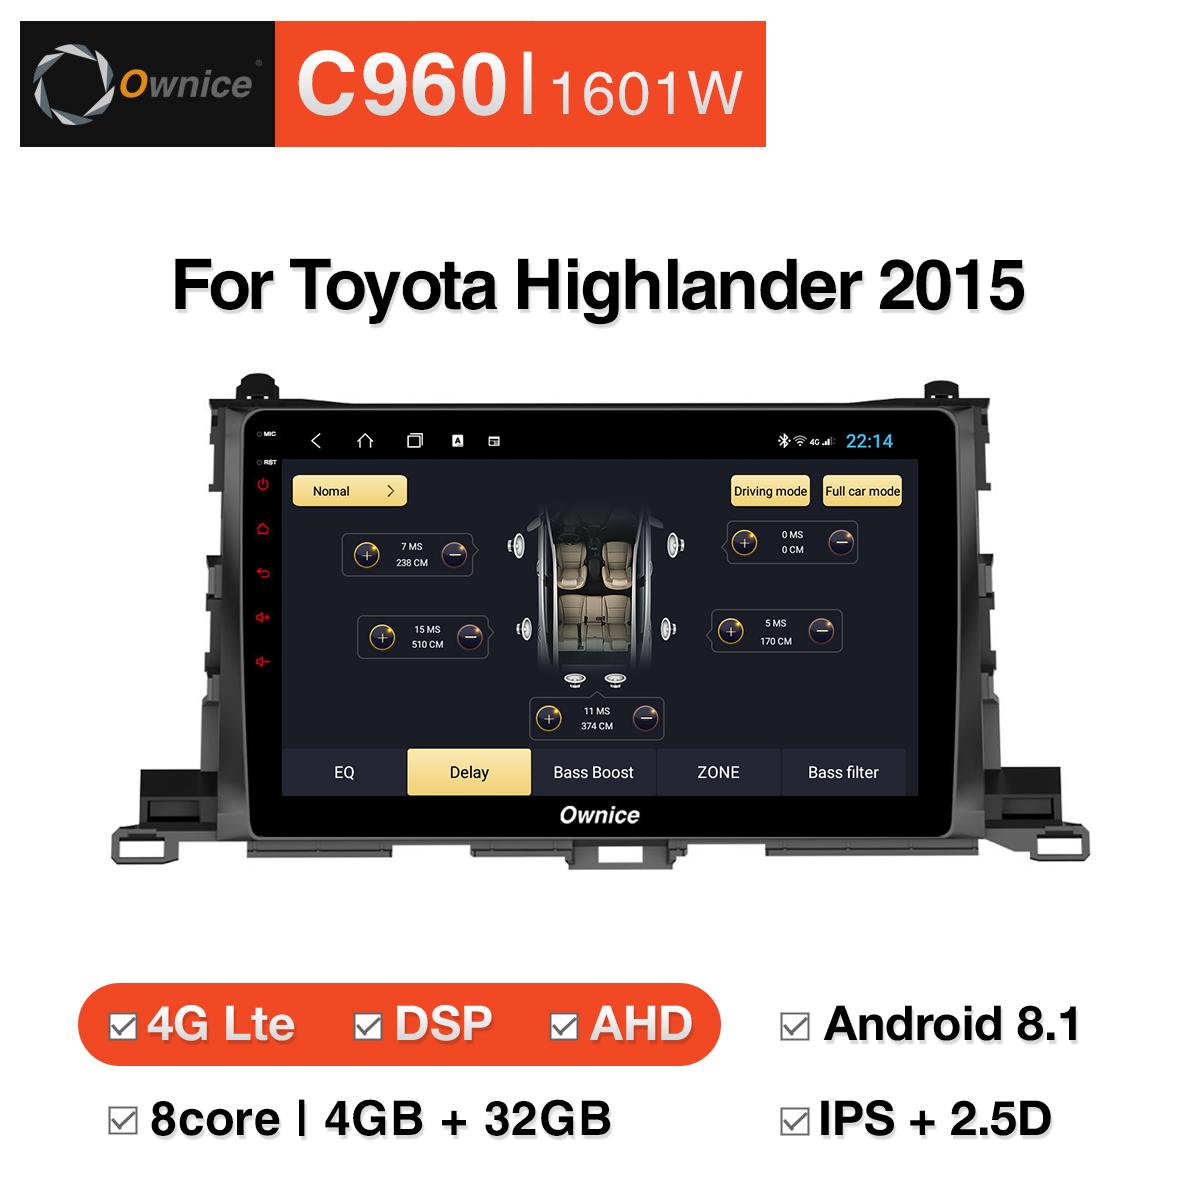 Đầu DVD android Ownice C960 cho xe ô tô Toyota Highlander 2015:: OL-1601W